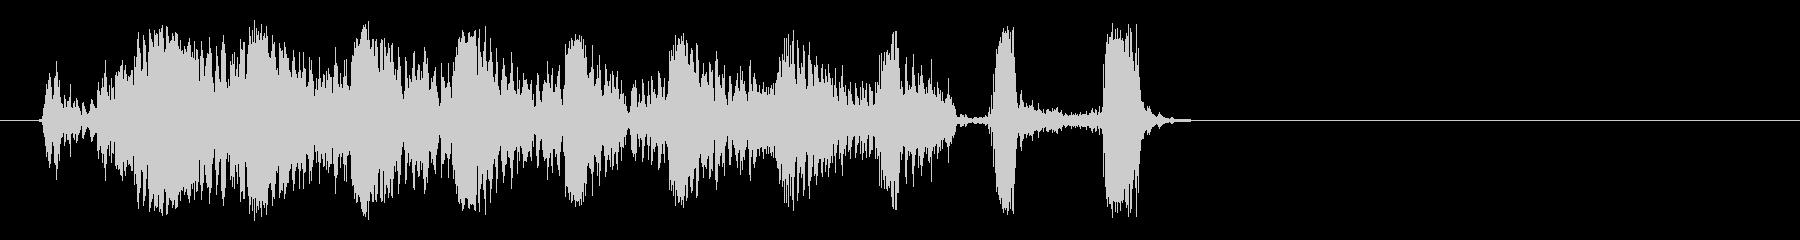 リズミカルな円形のきしみ音を伴うラ...の未再生の波形